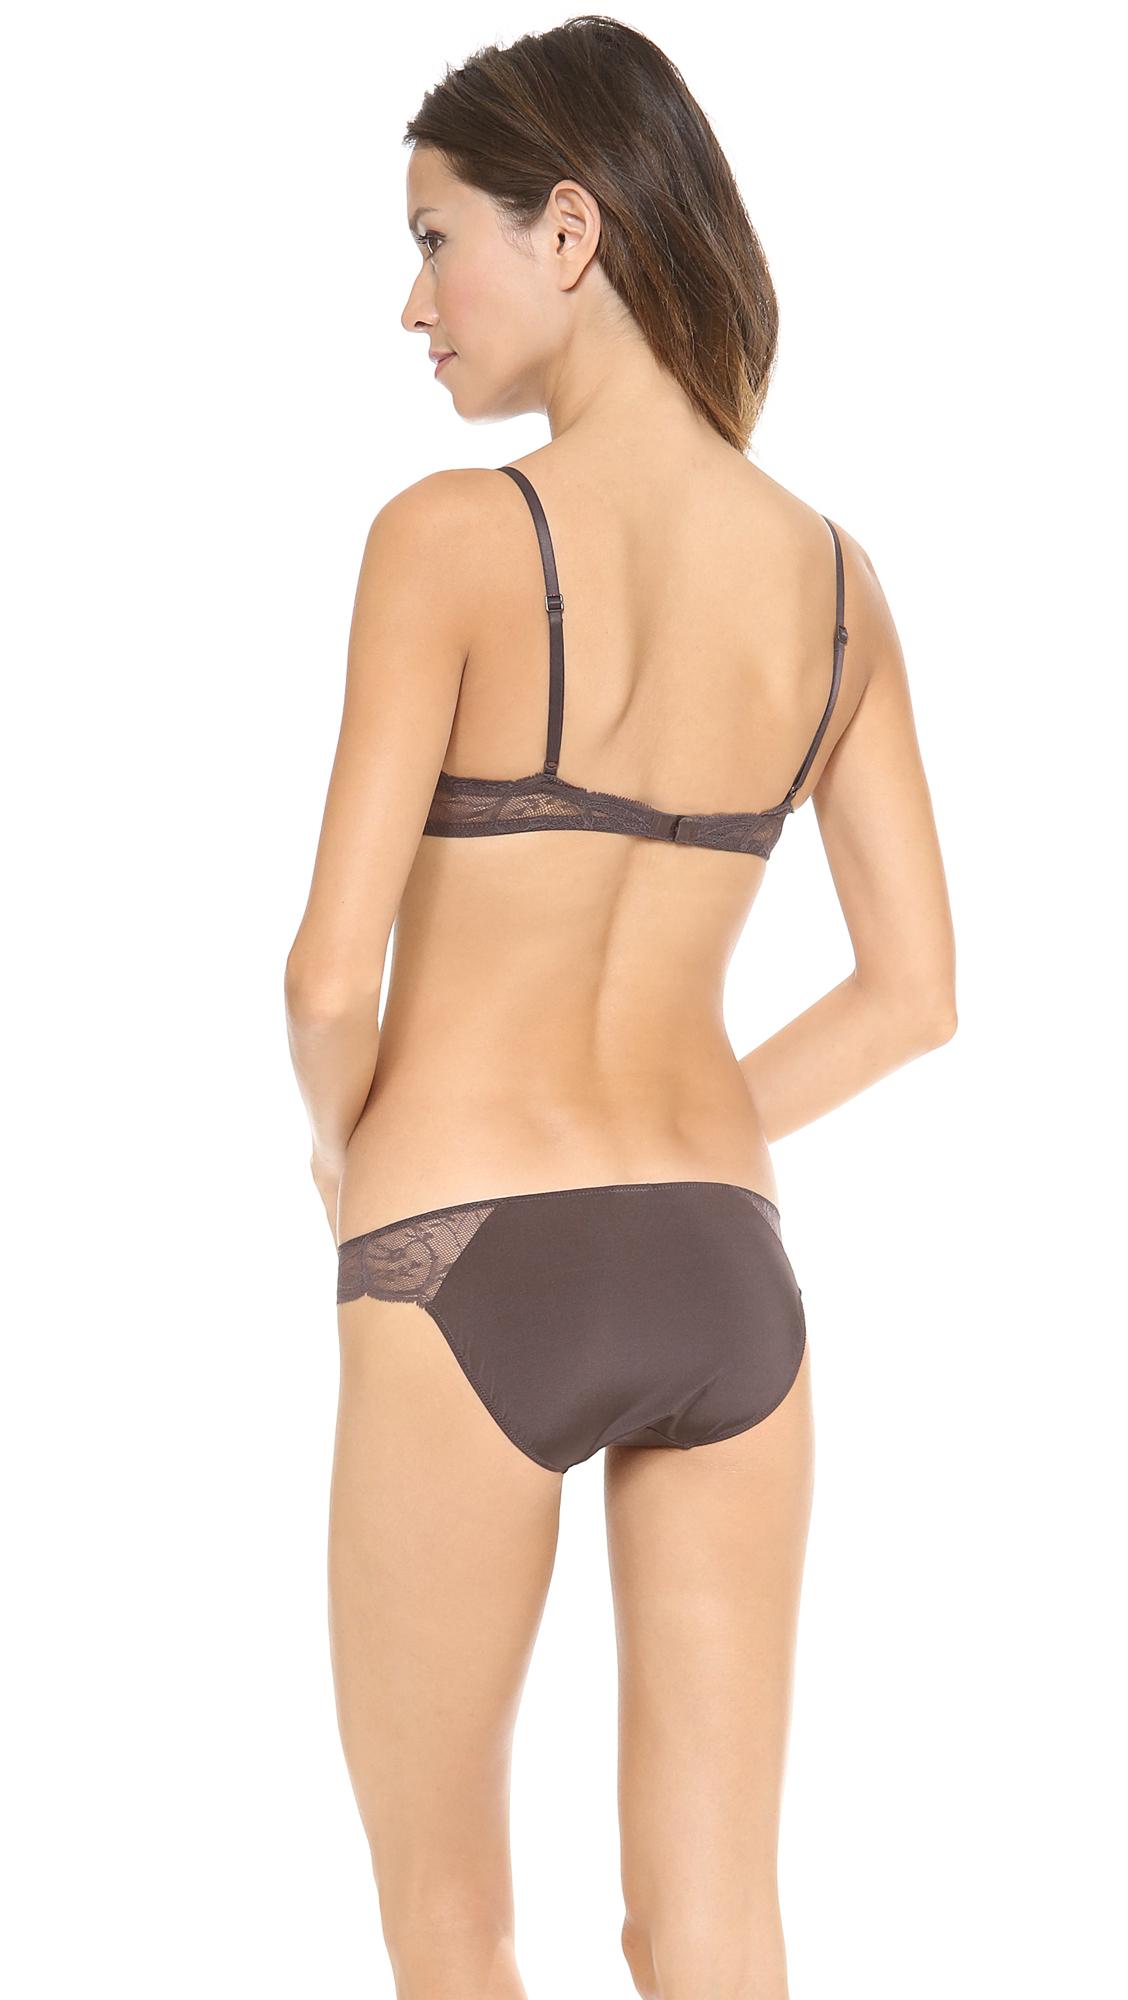 451bda2e6f Calvin Klein Underwear Subtlety Bare Underwire Bra